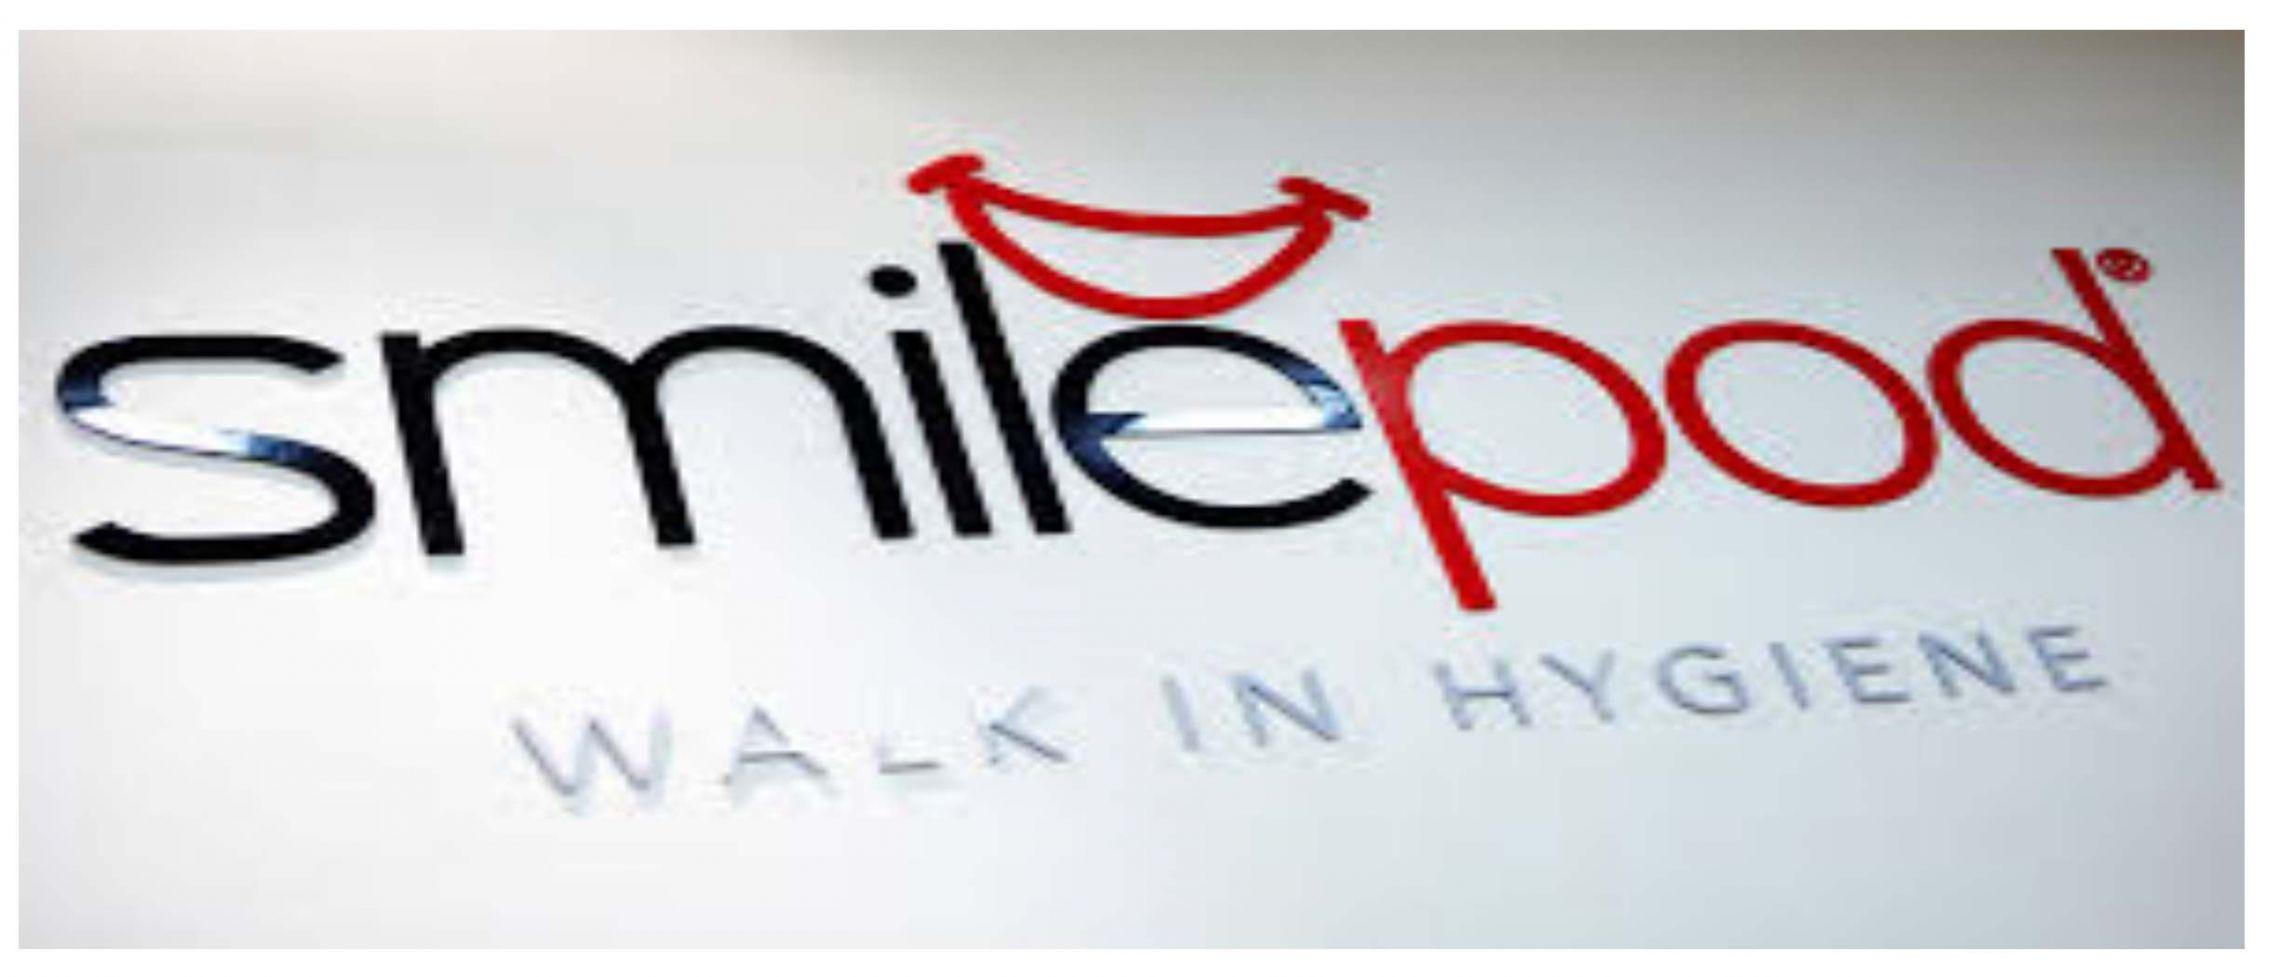 Smilepod - Jubilee Place